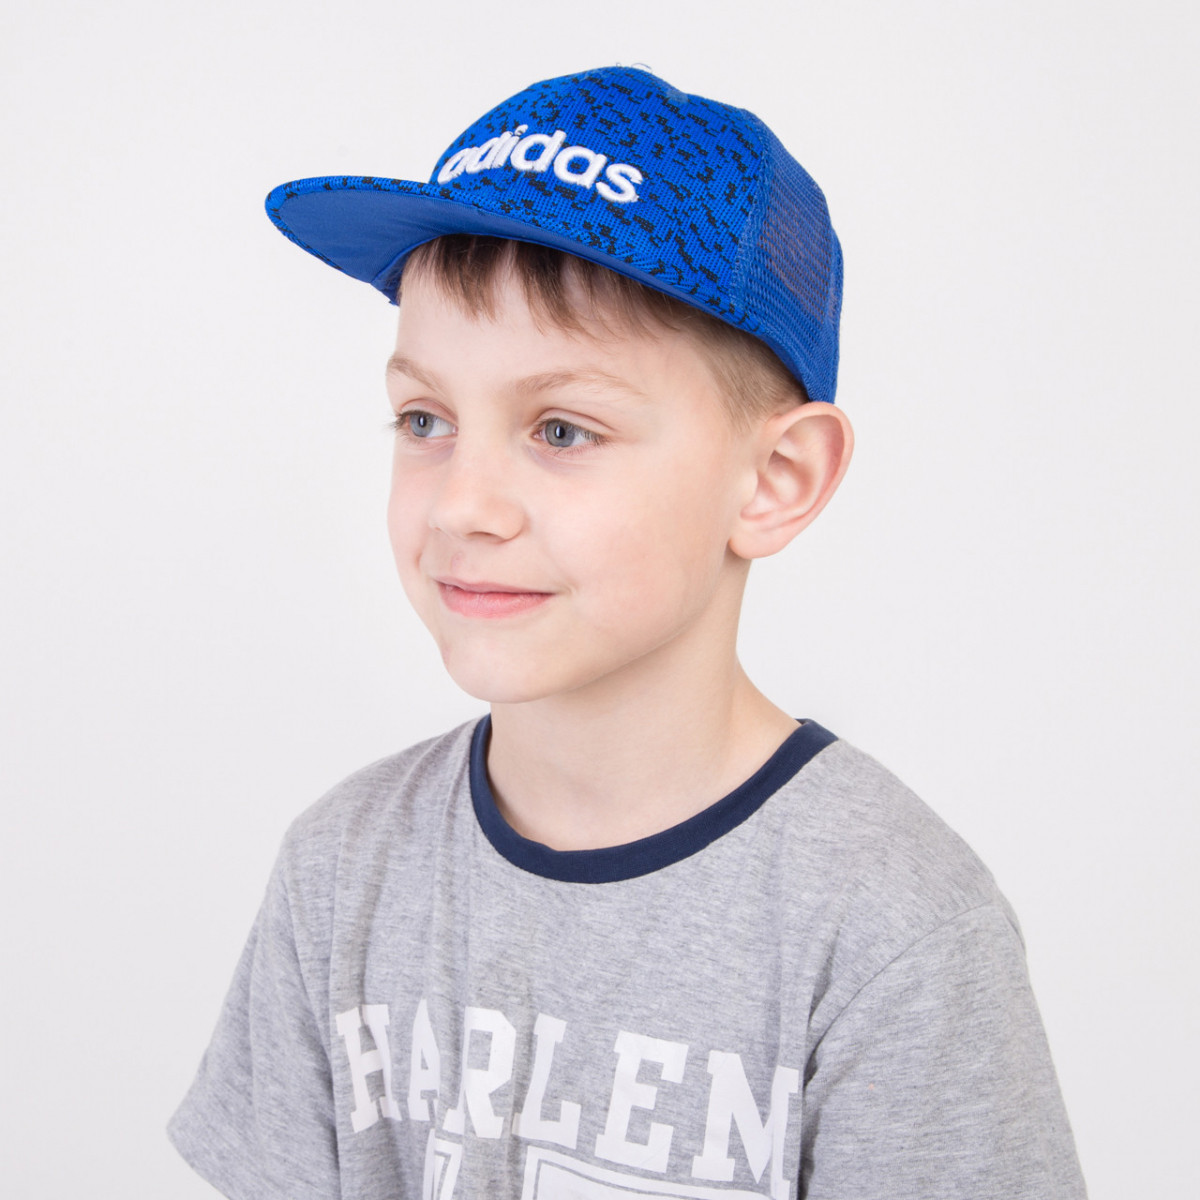 Летняя кепка Snapback для мальчиков оптом - Adidas (реплика) - 82018-16